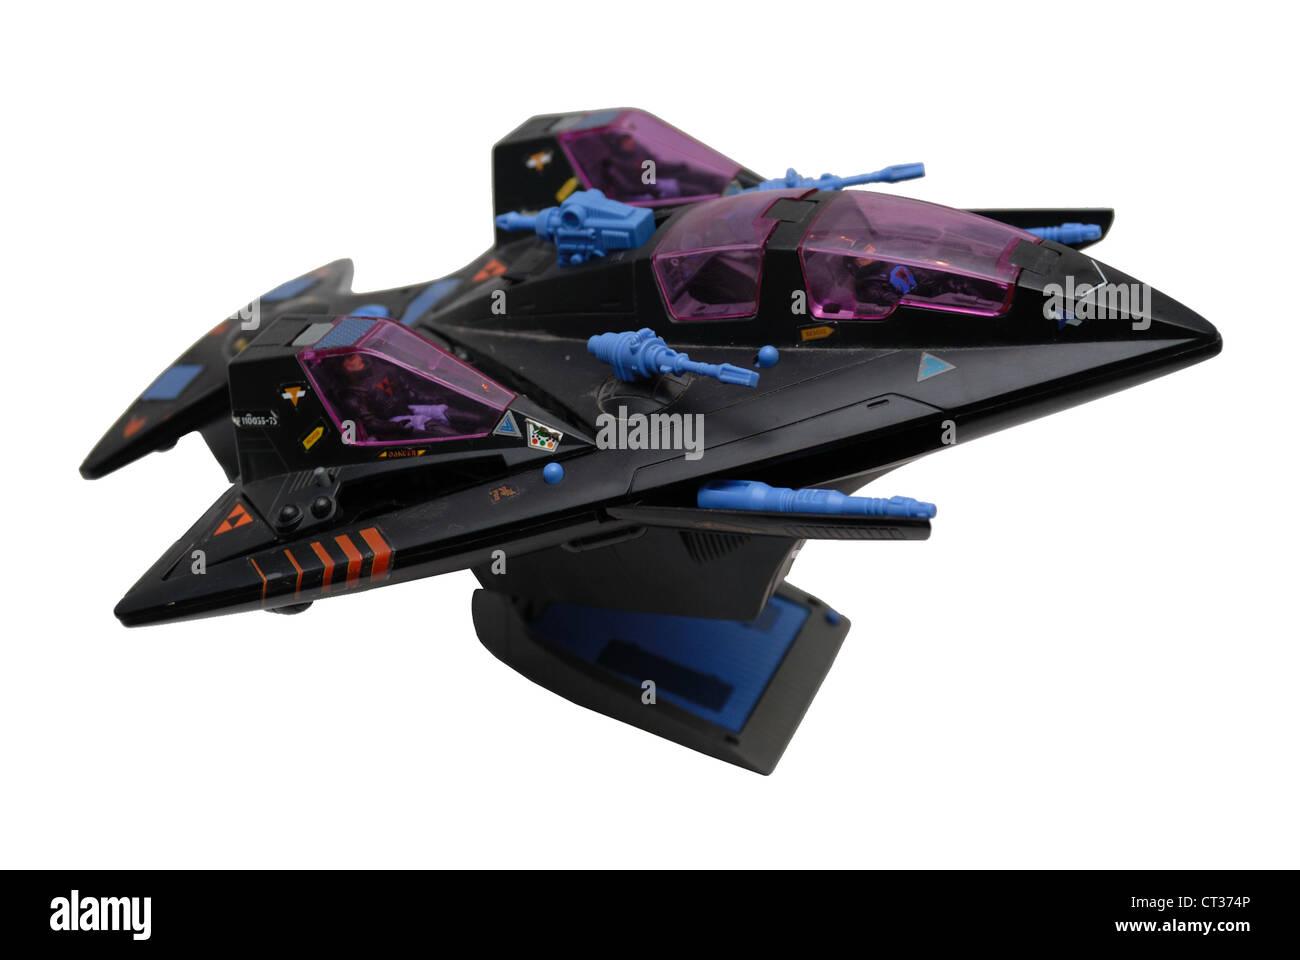 Starcom Vintage Raum Spielzeug, Flugzeug, Flugzeug oder Raumschiff mit Gewehren. Stockbild